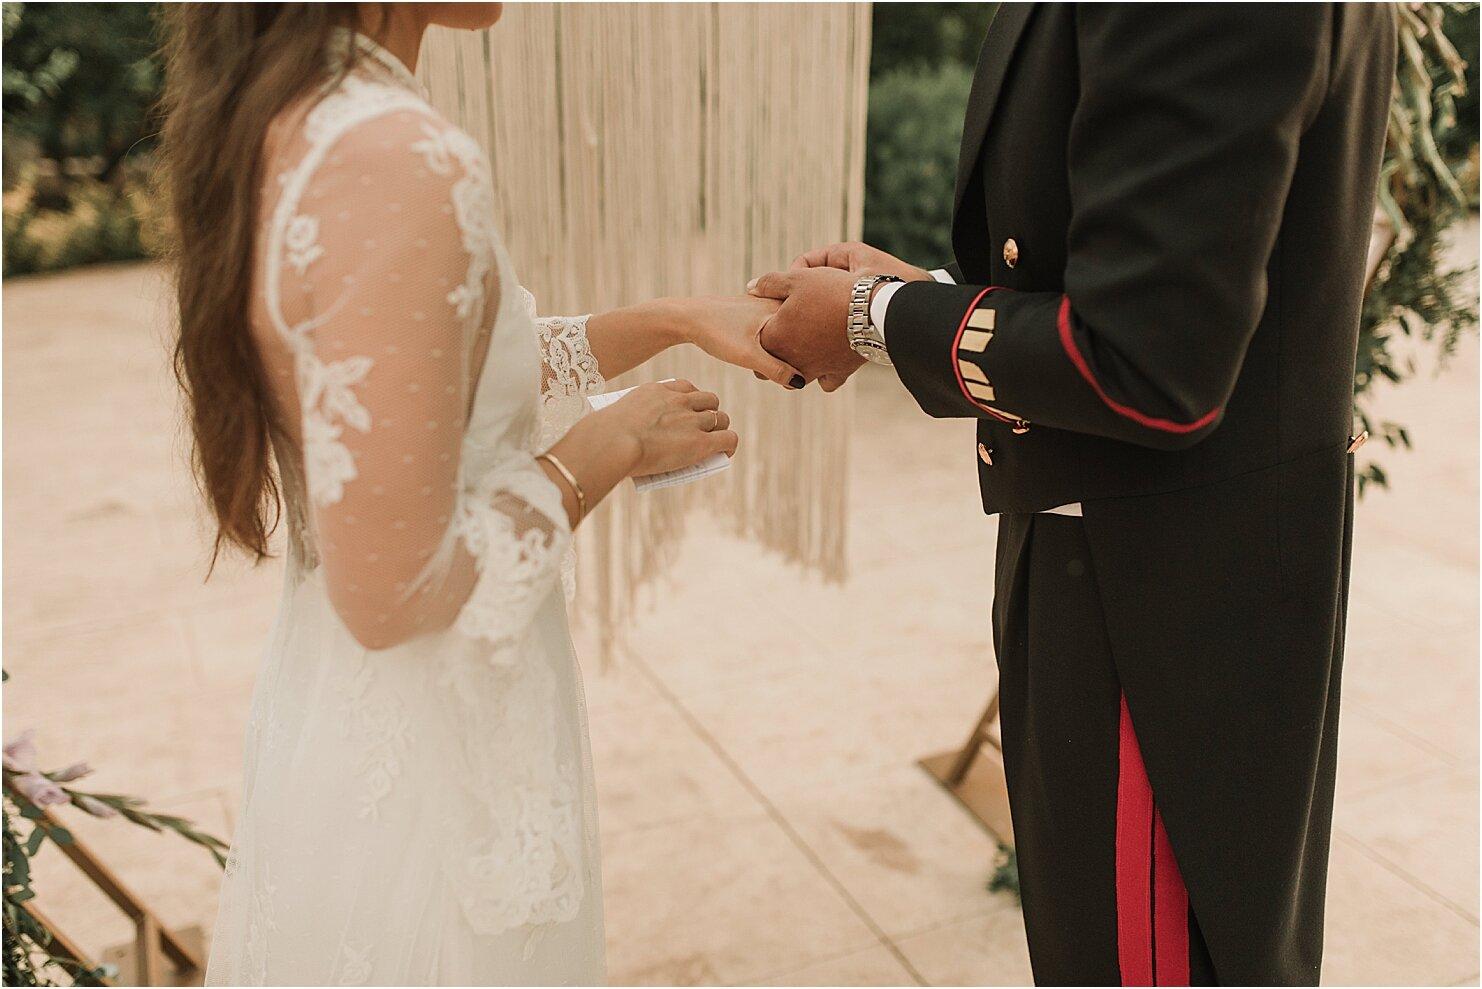 boda-romantica-boda-boho-vestido-de-novia-laura-lomas30.jpg